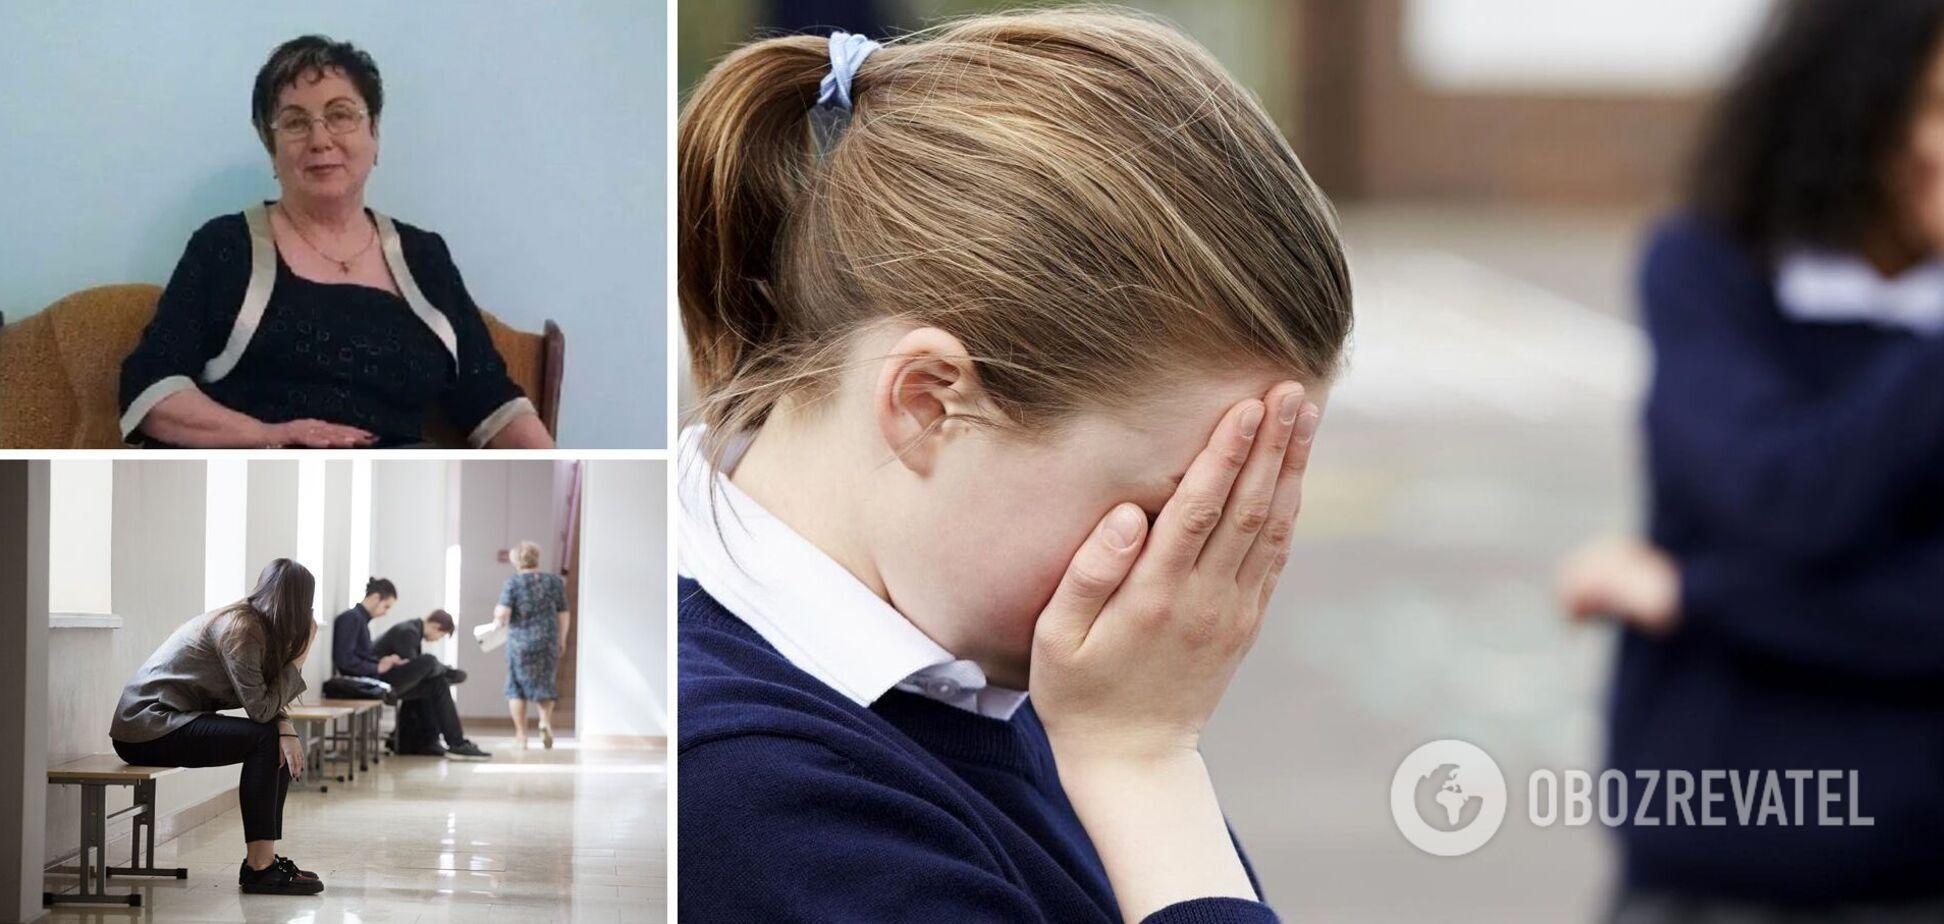 'Дети будут ходить петухами?' Директор лицея на Львовщине устроила 'модный приговор' ученикам: детали скандала